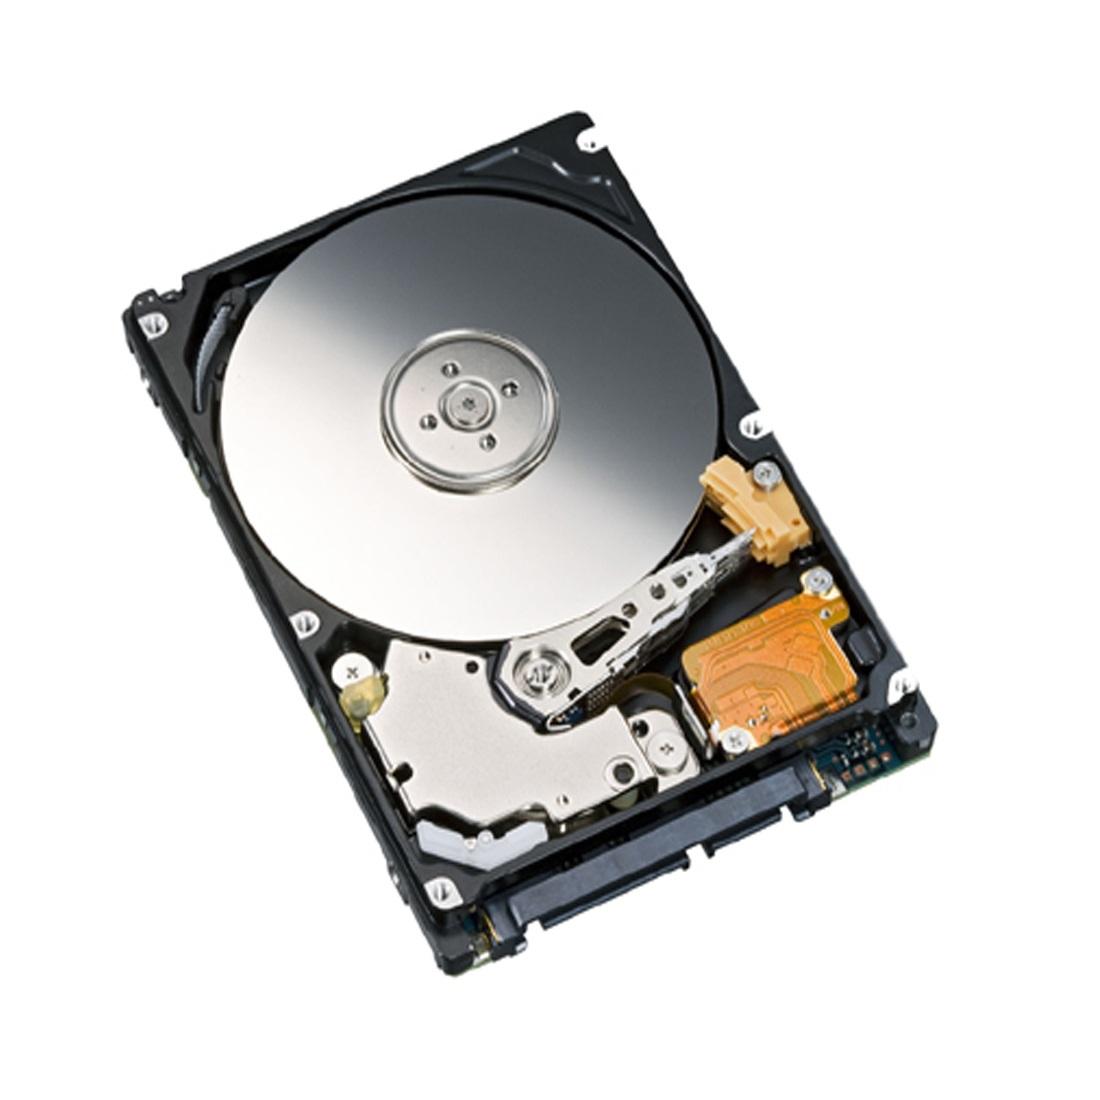 """Fujitsu 60GB, 2.5"""", 7200rpm 60GB SATA disco rigido interno"""